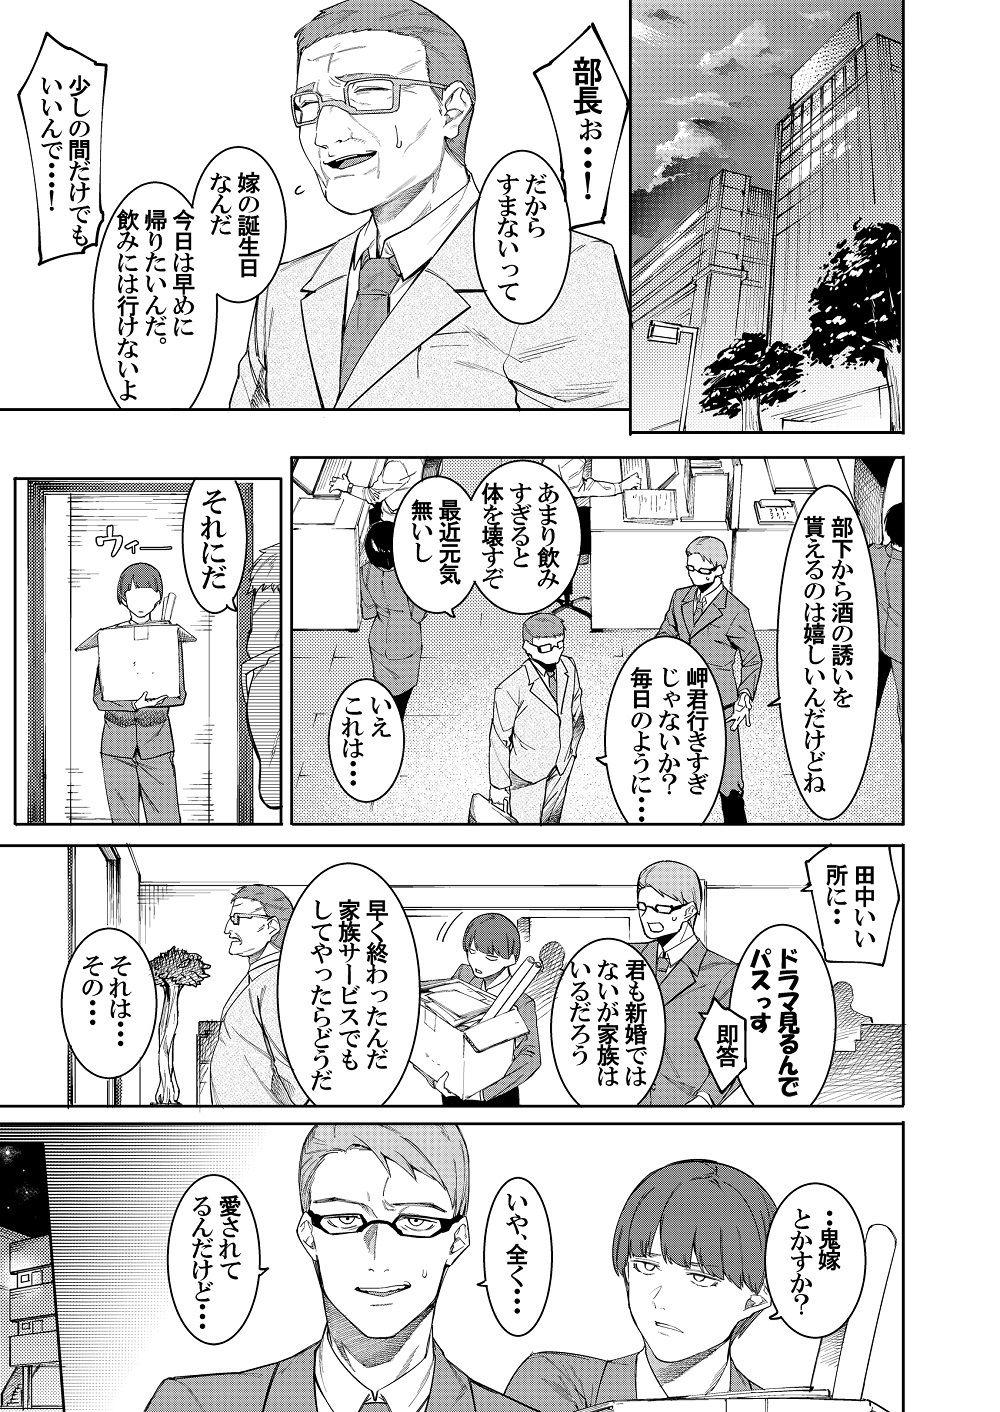 ���������ͤʱ��� act.1 ����